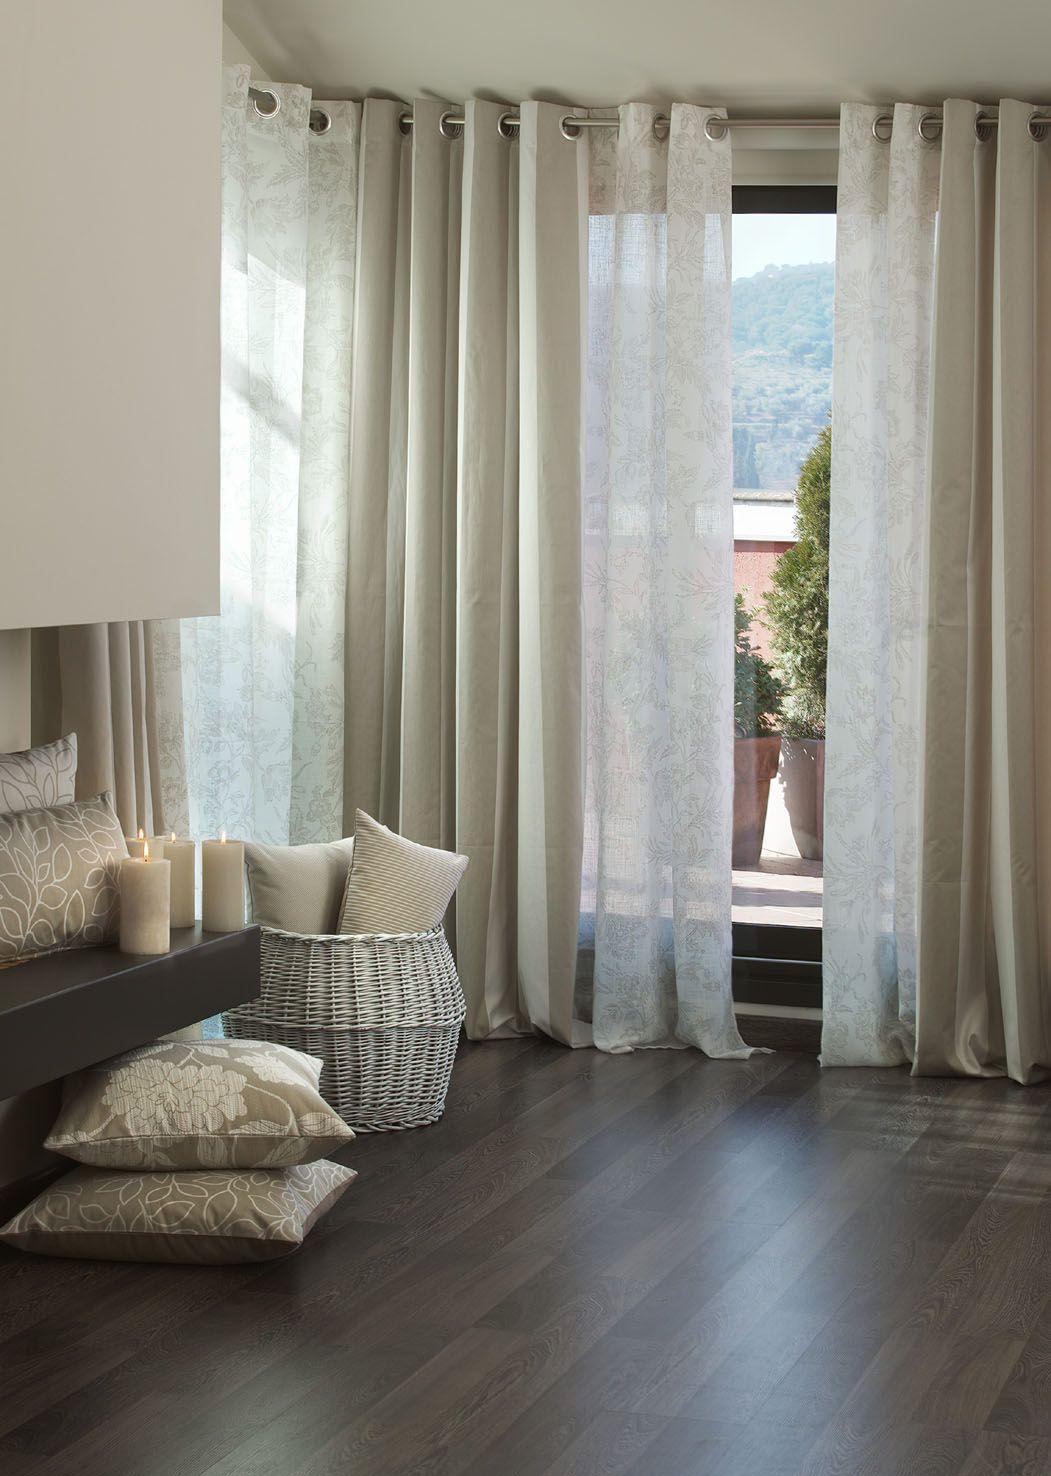 Visillos y cortinas en una sola barra buscar con google for Visillos dormitorio